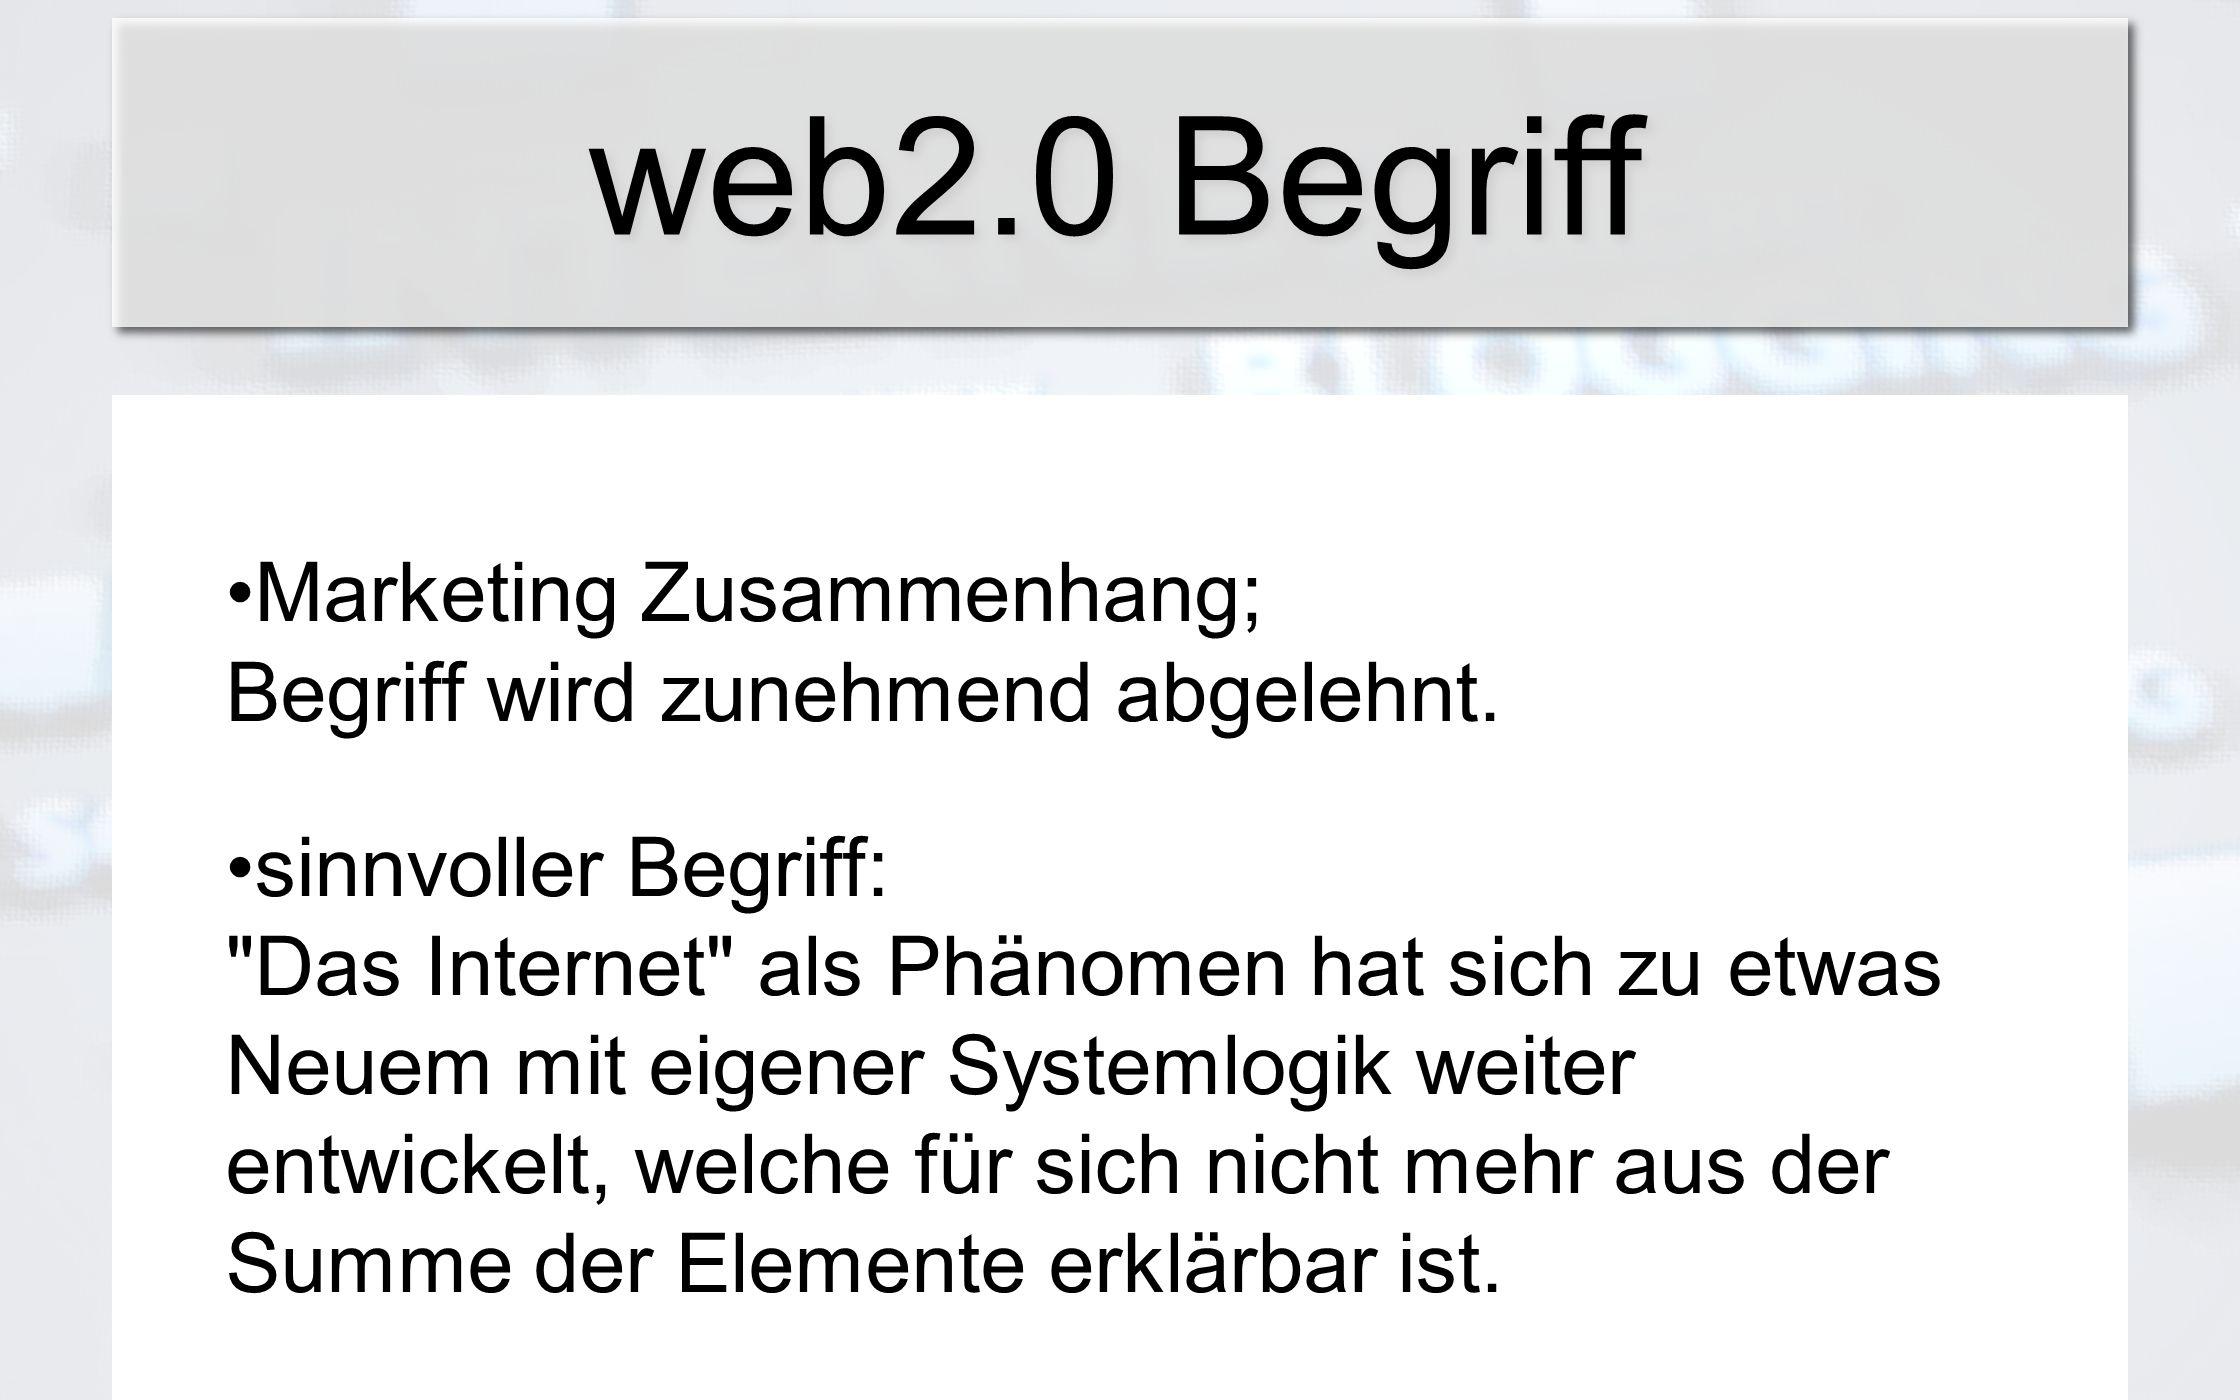 web2.0 Begriff Marketing Zusammenhang; Begriff wird zunehmend abgelehnt. sinnvoller Begriff: